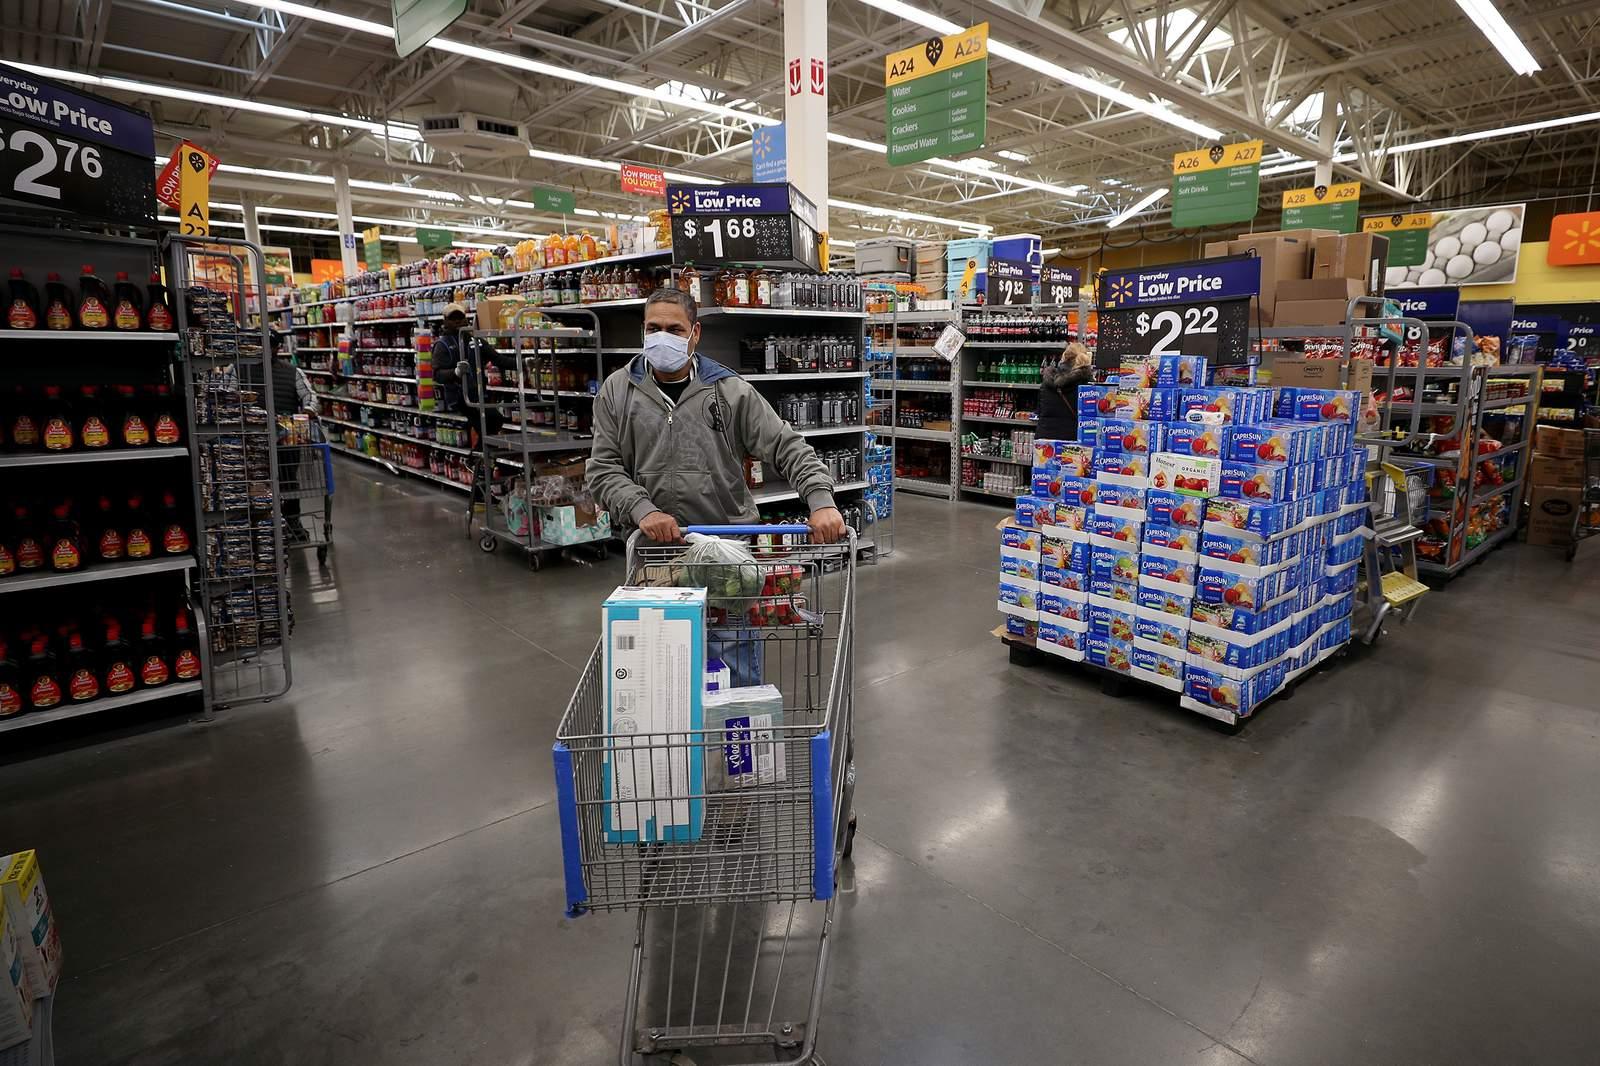 Egy éve a legbizakodóbb fogyasztói hangulat alakult ki márciusban az Egyesült Államokban